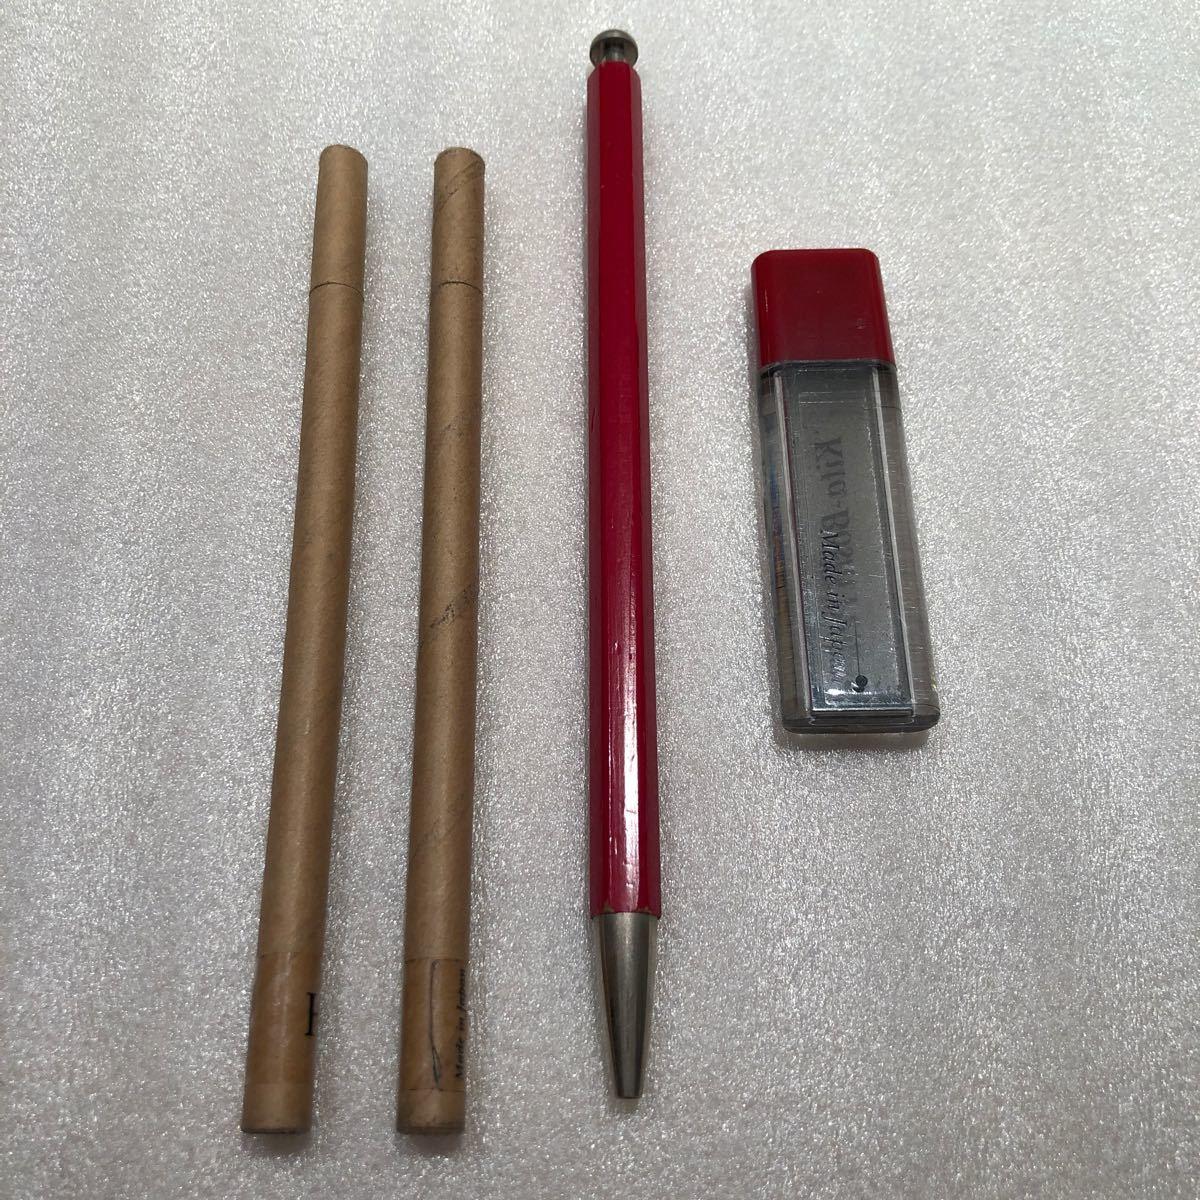 大人の鉛筆 シャープペンシル 替え芯 赤